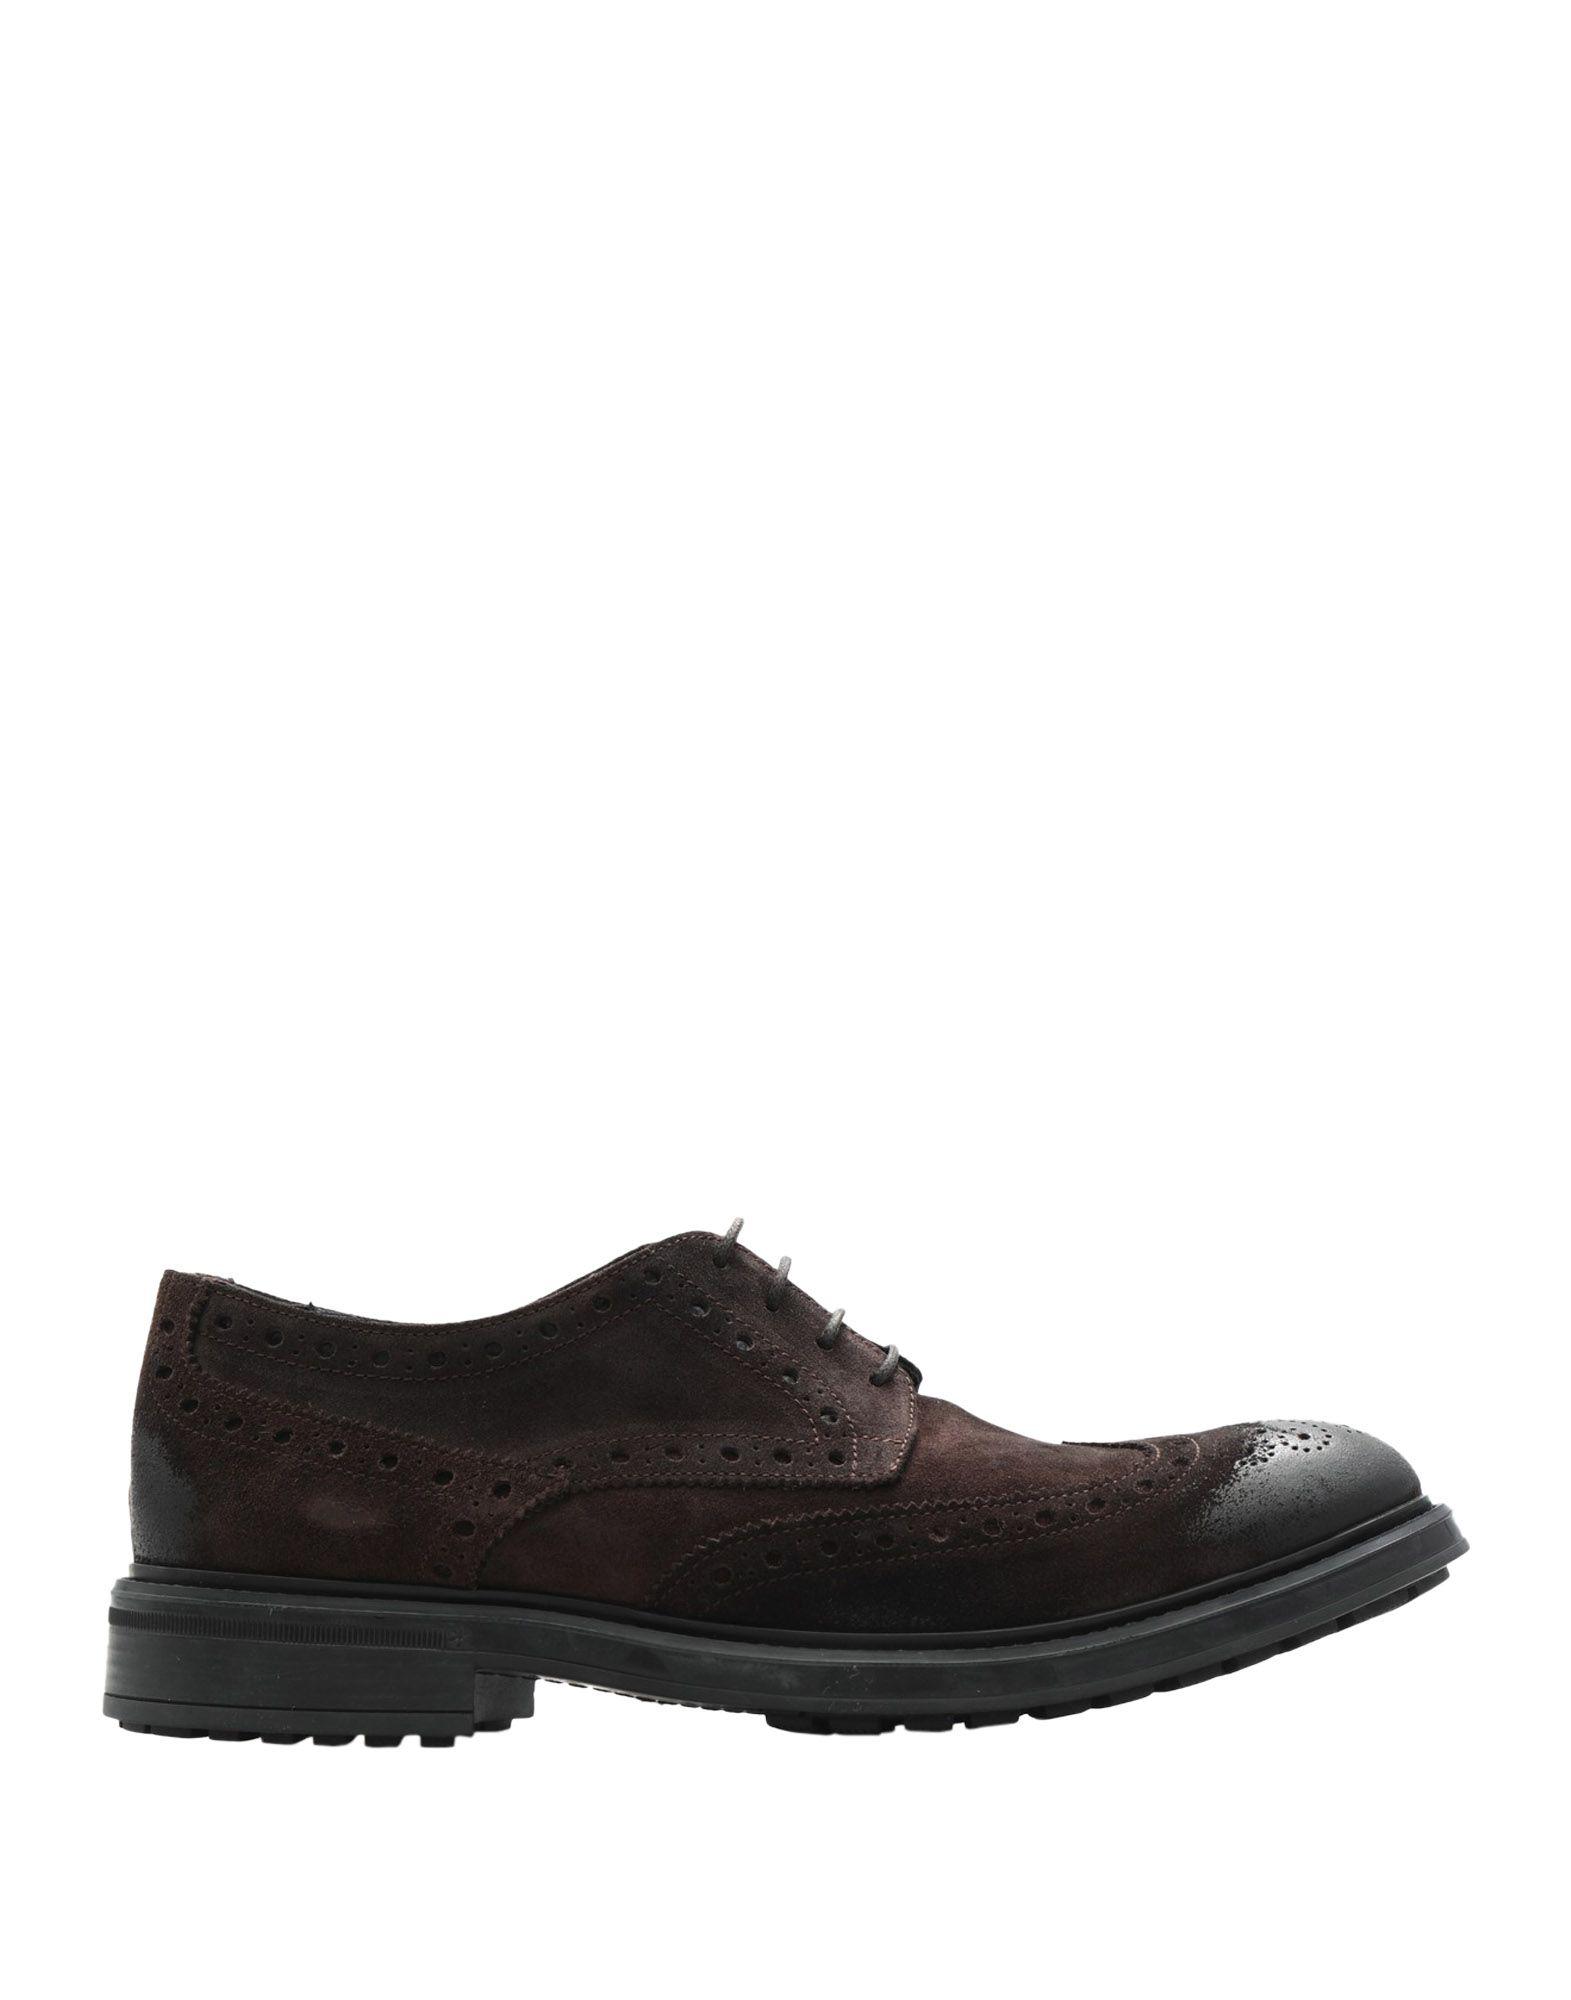 Фото - EVEET Обувь на шнурках обувь на высокой платформе dkny